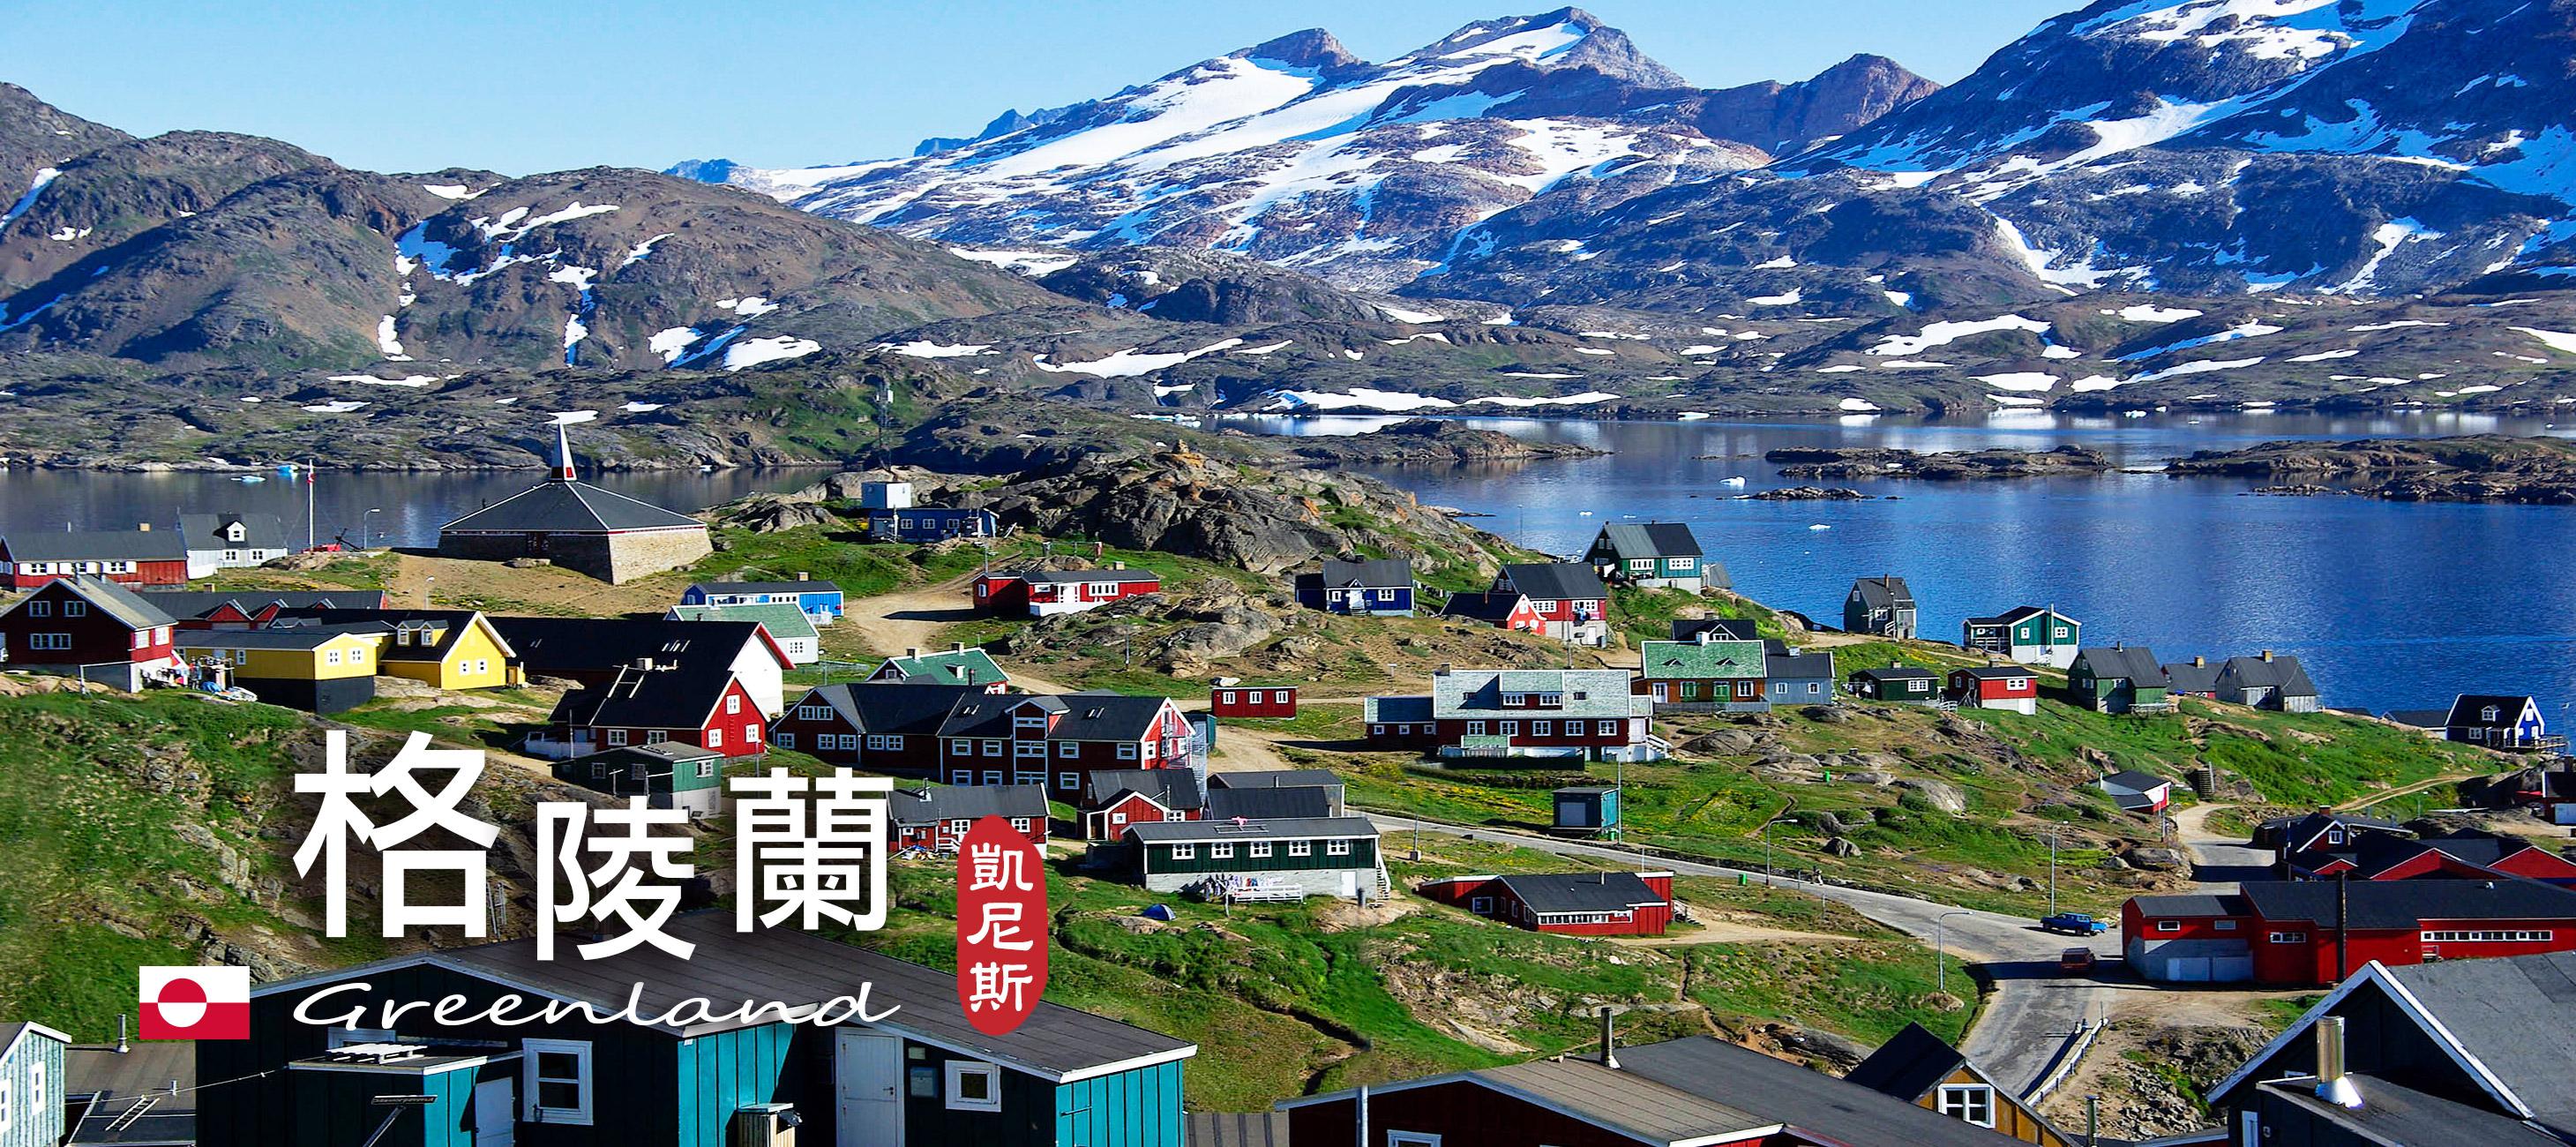 挪威地图 欧洲地图 europe maps 世界地图 美景旅游网